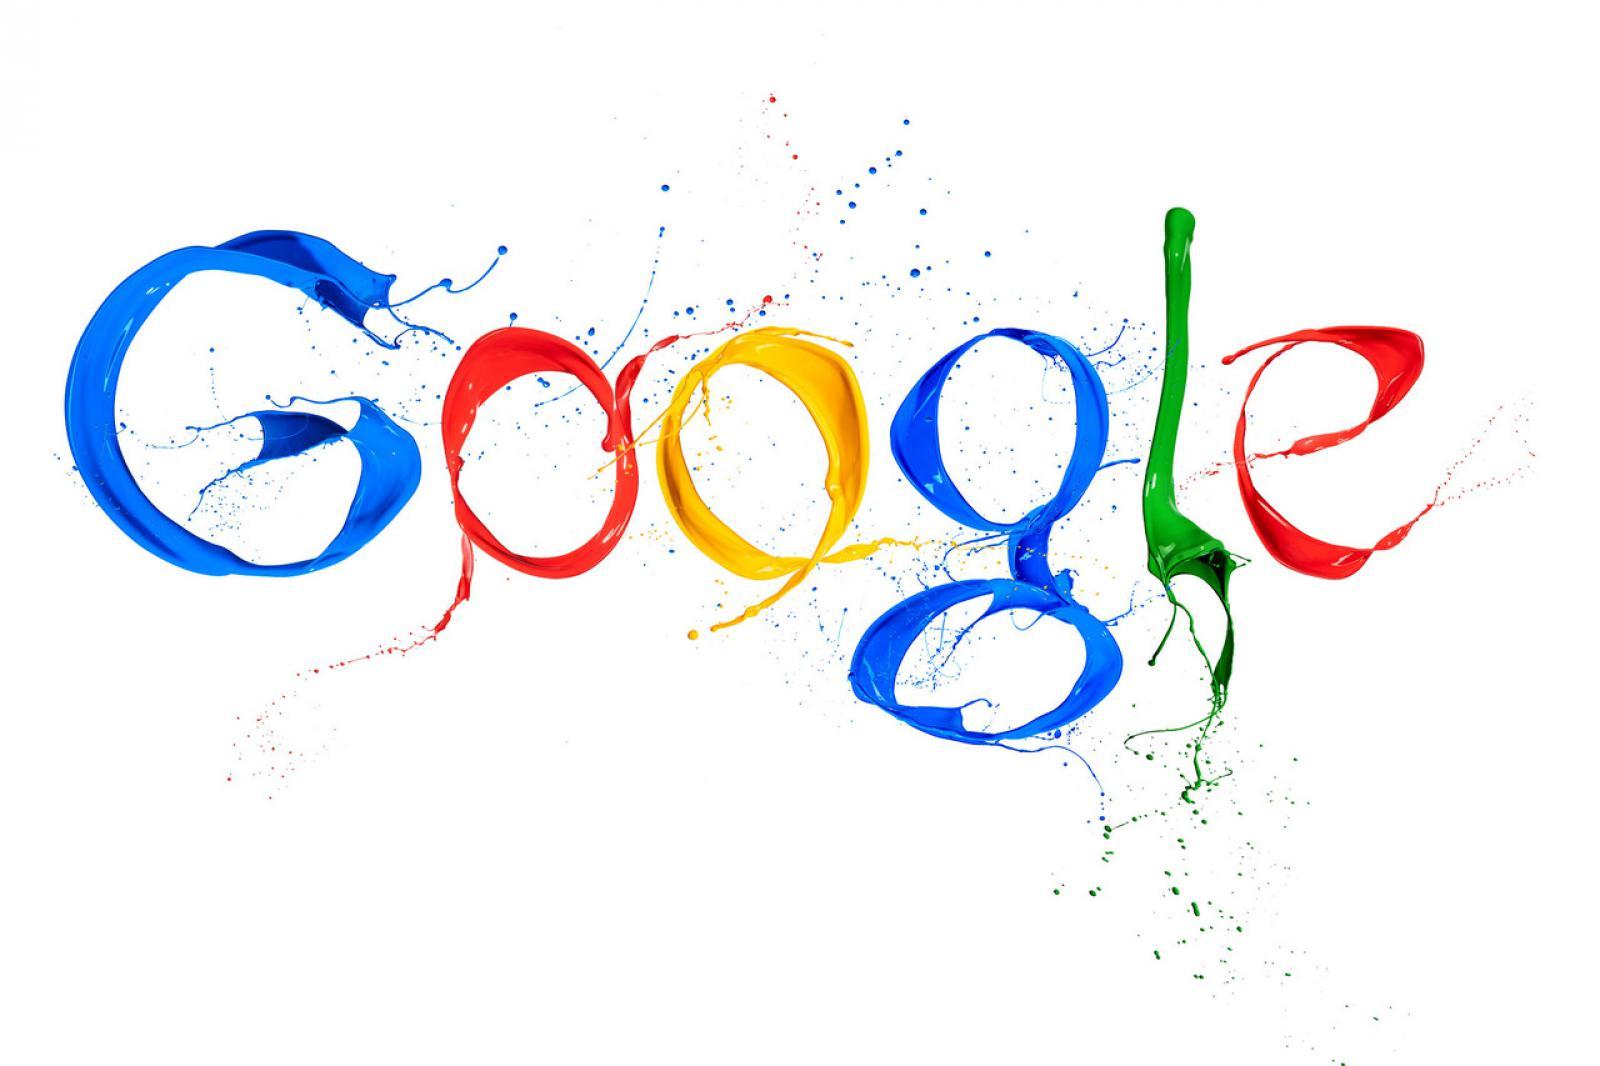 Гугл картинки красивые, открытка днем рождения